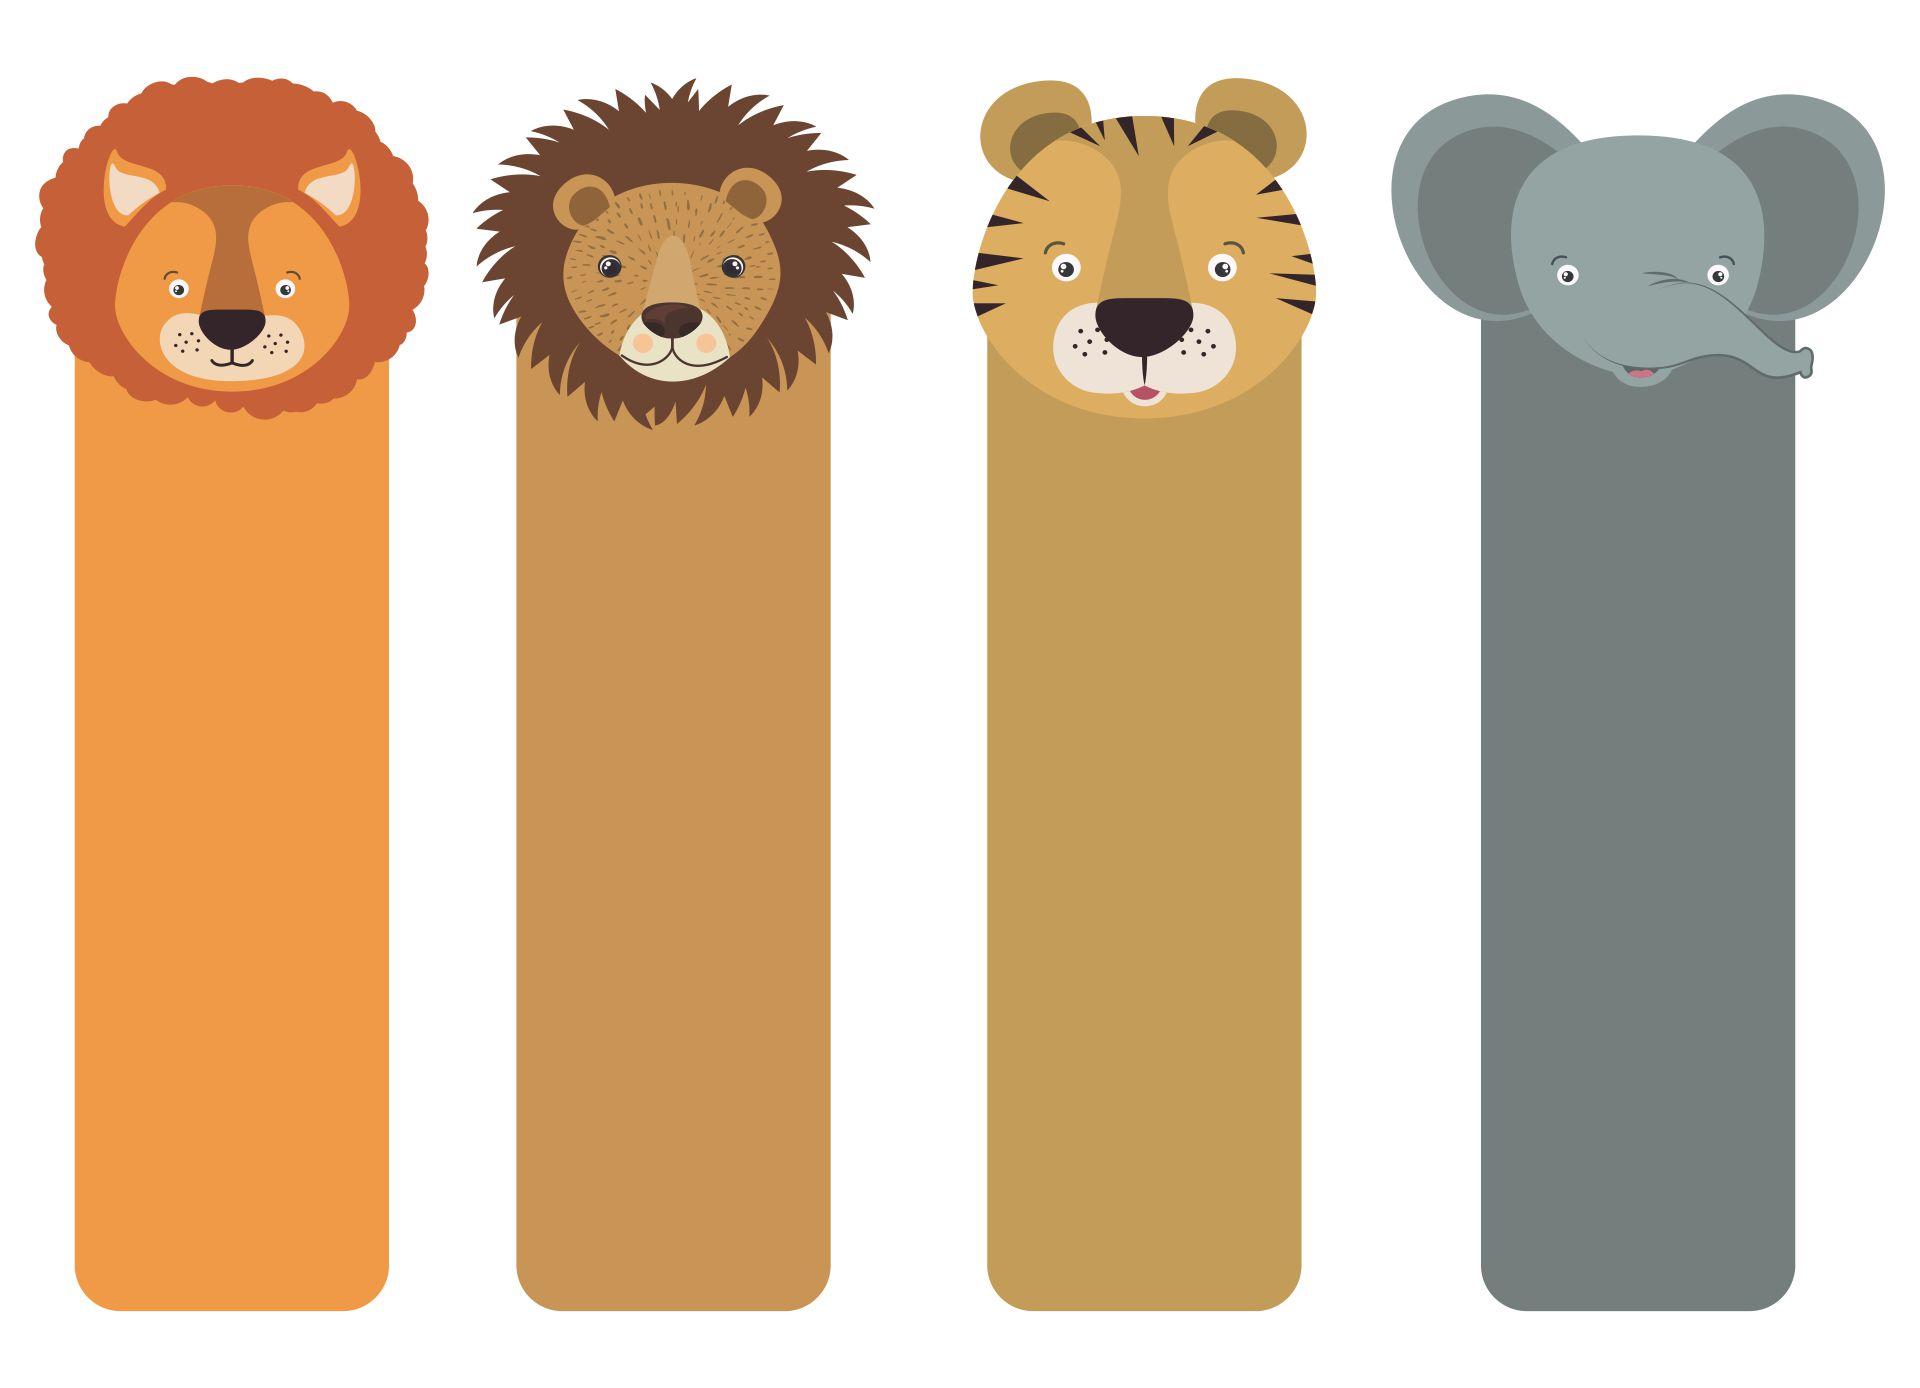 Printable Animal Bookmarks To Color